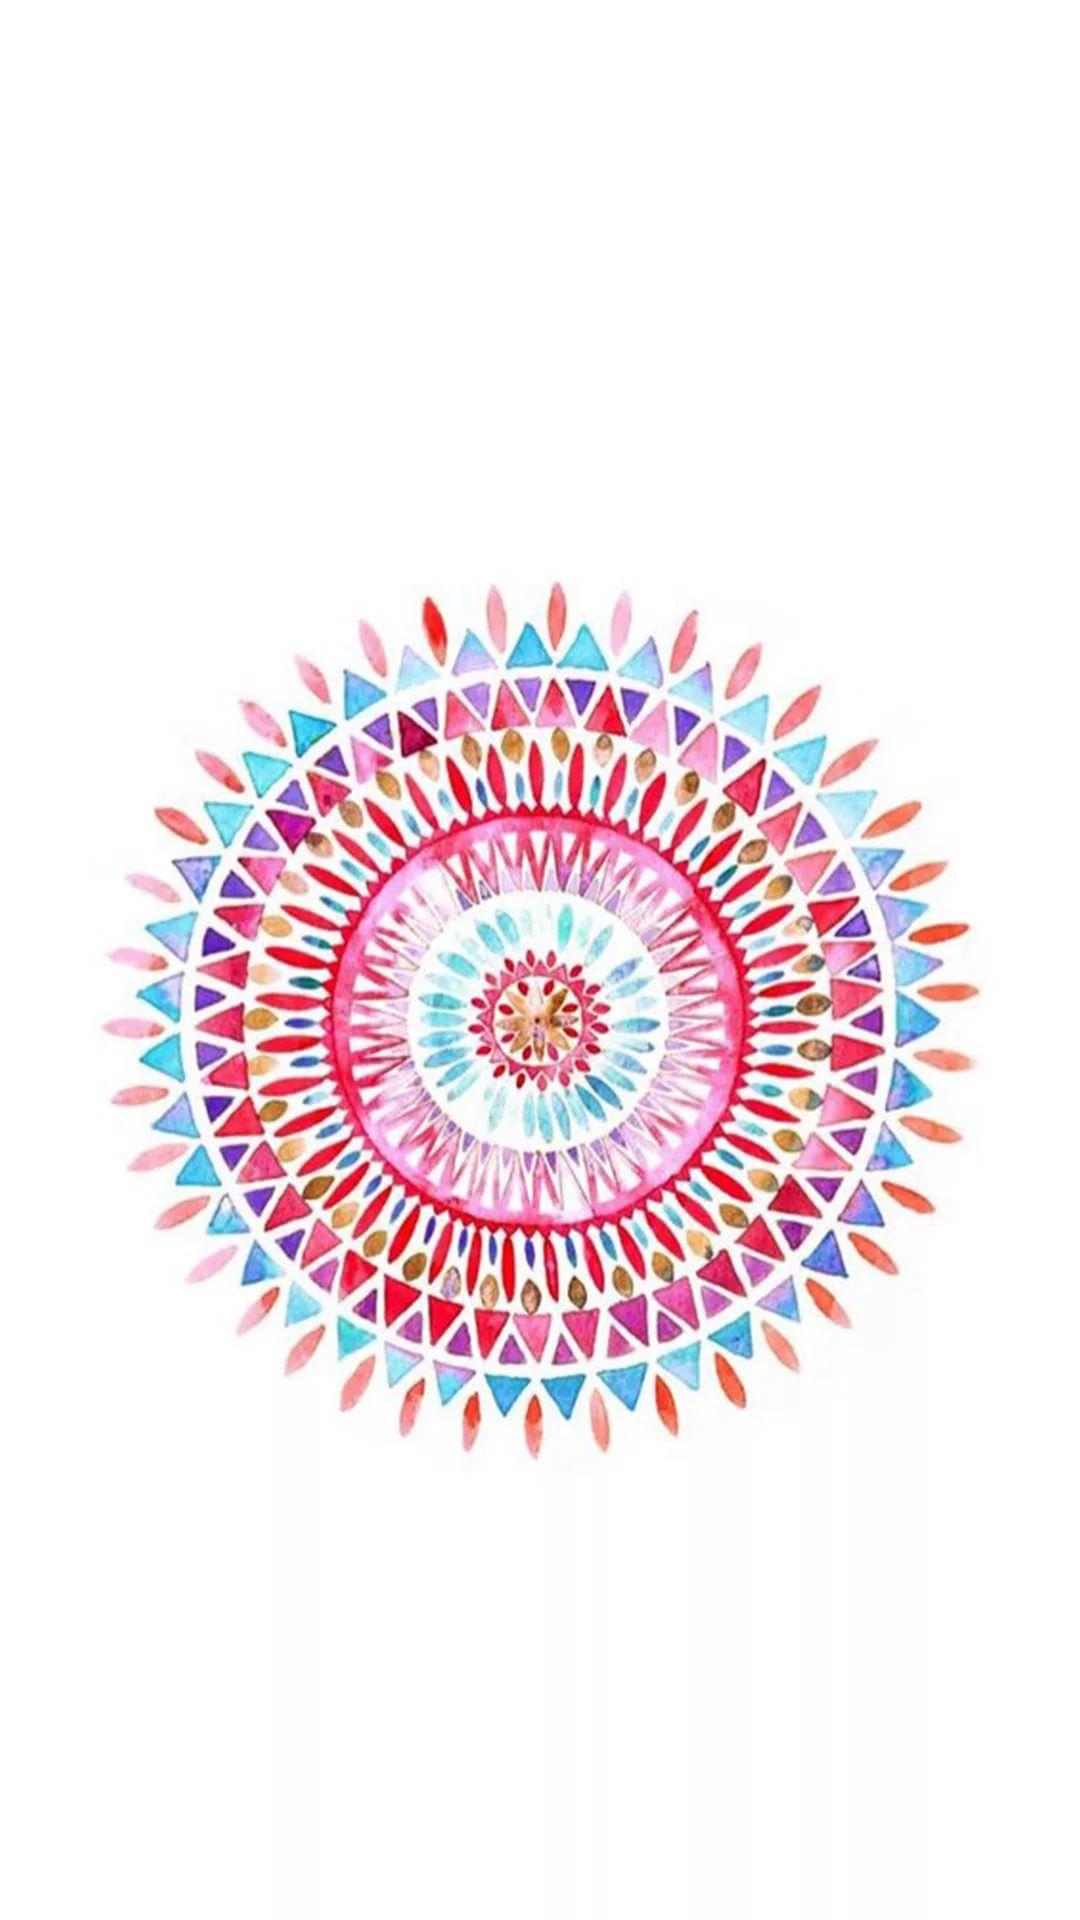 Mandala iPhone 6 wallpaper